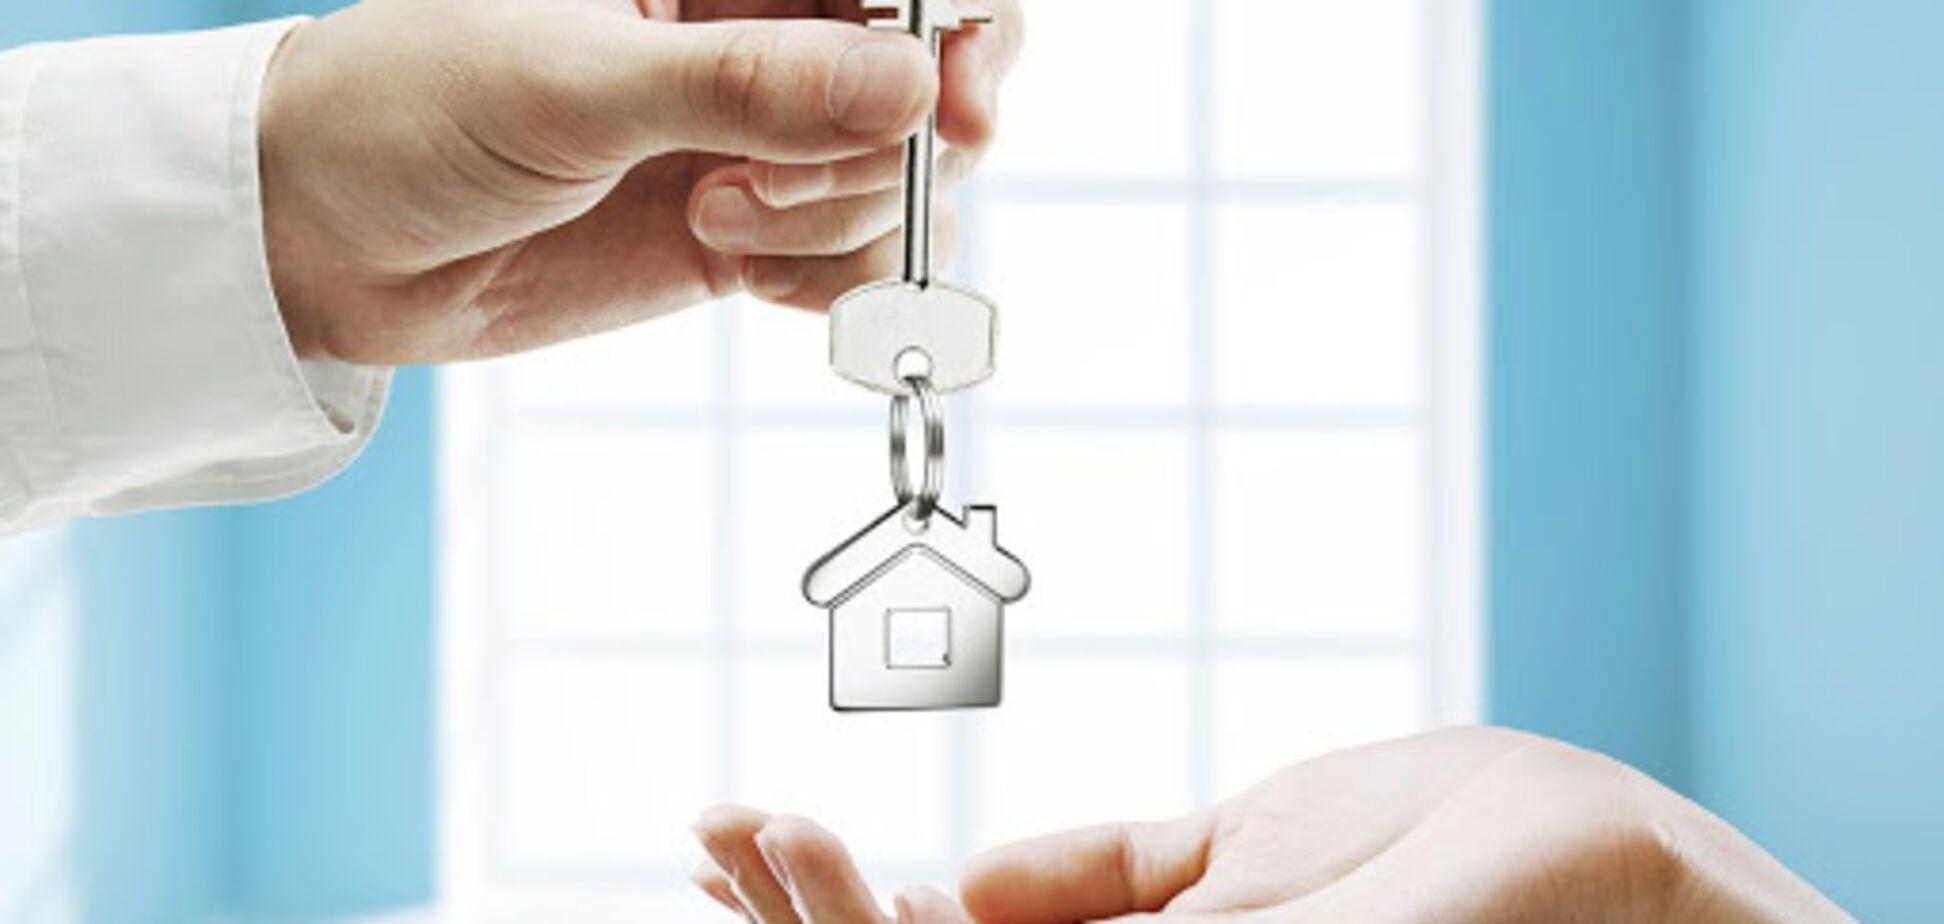 Ипотека и ипотечная компенсация: кто может получить